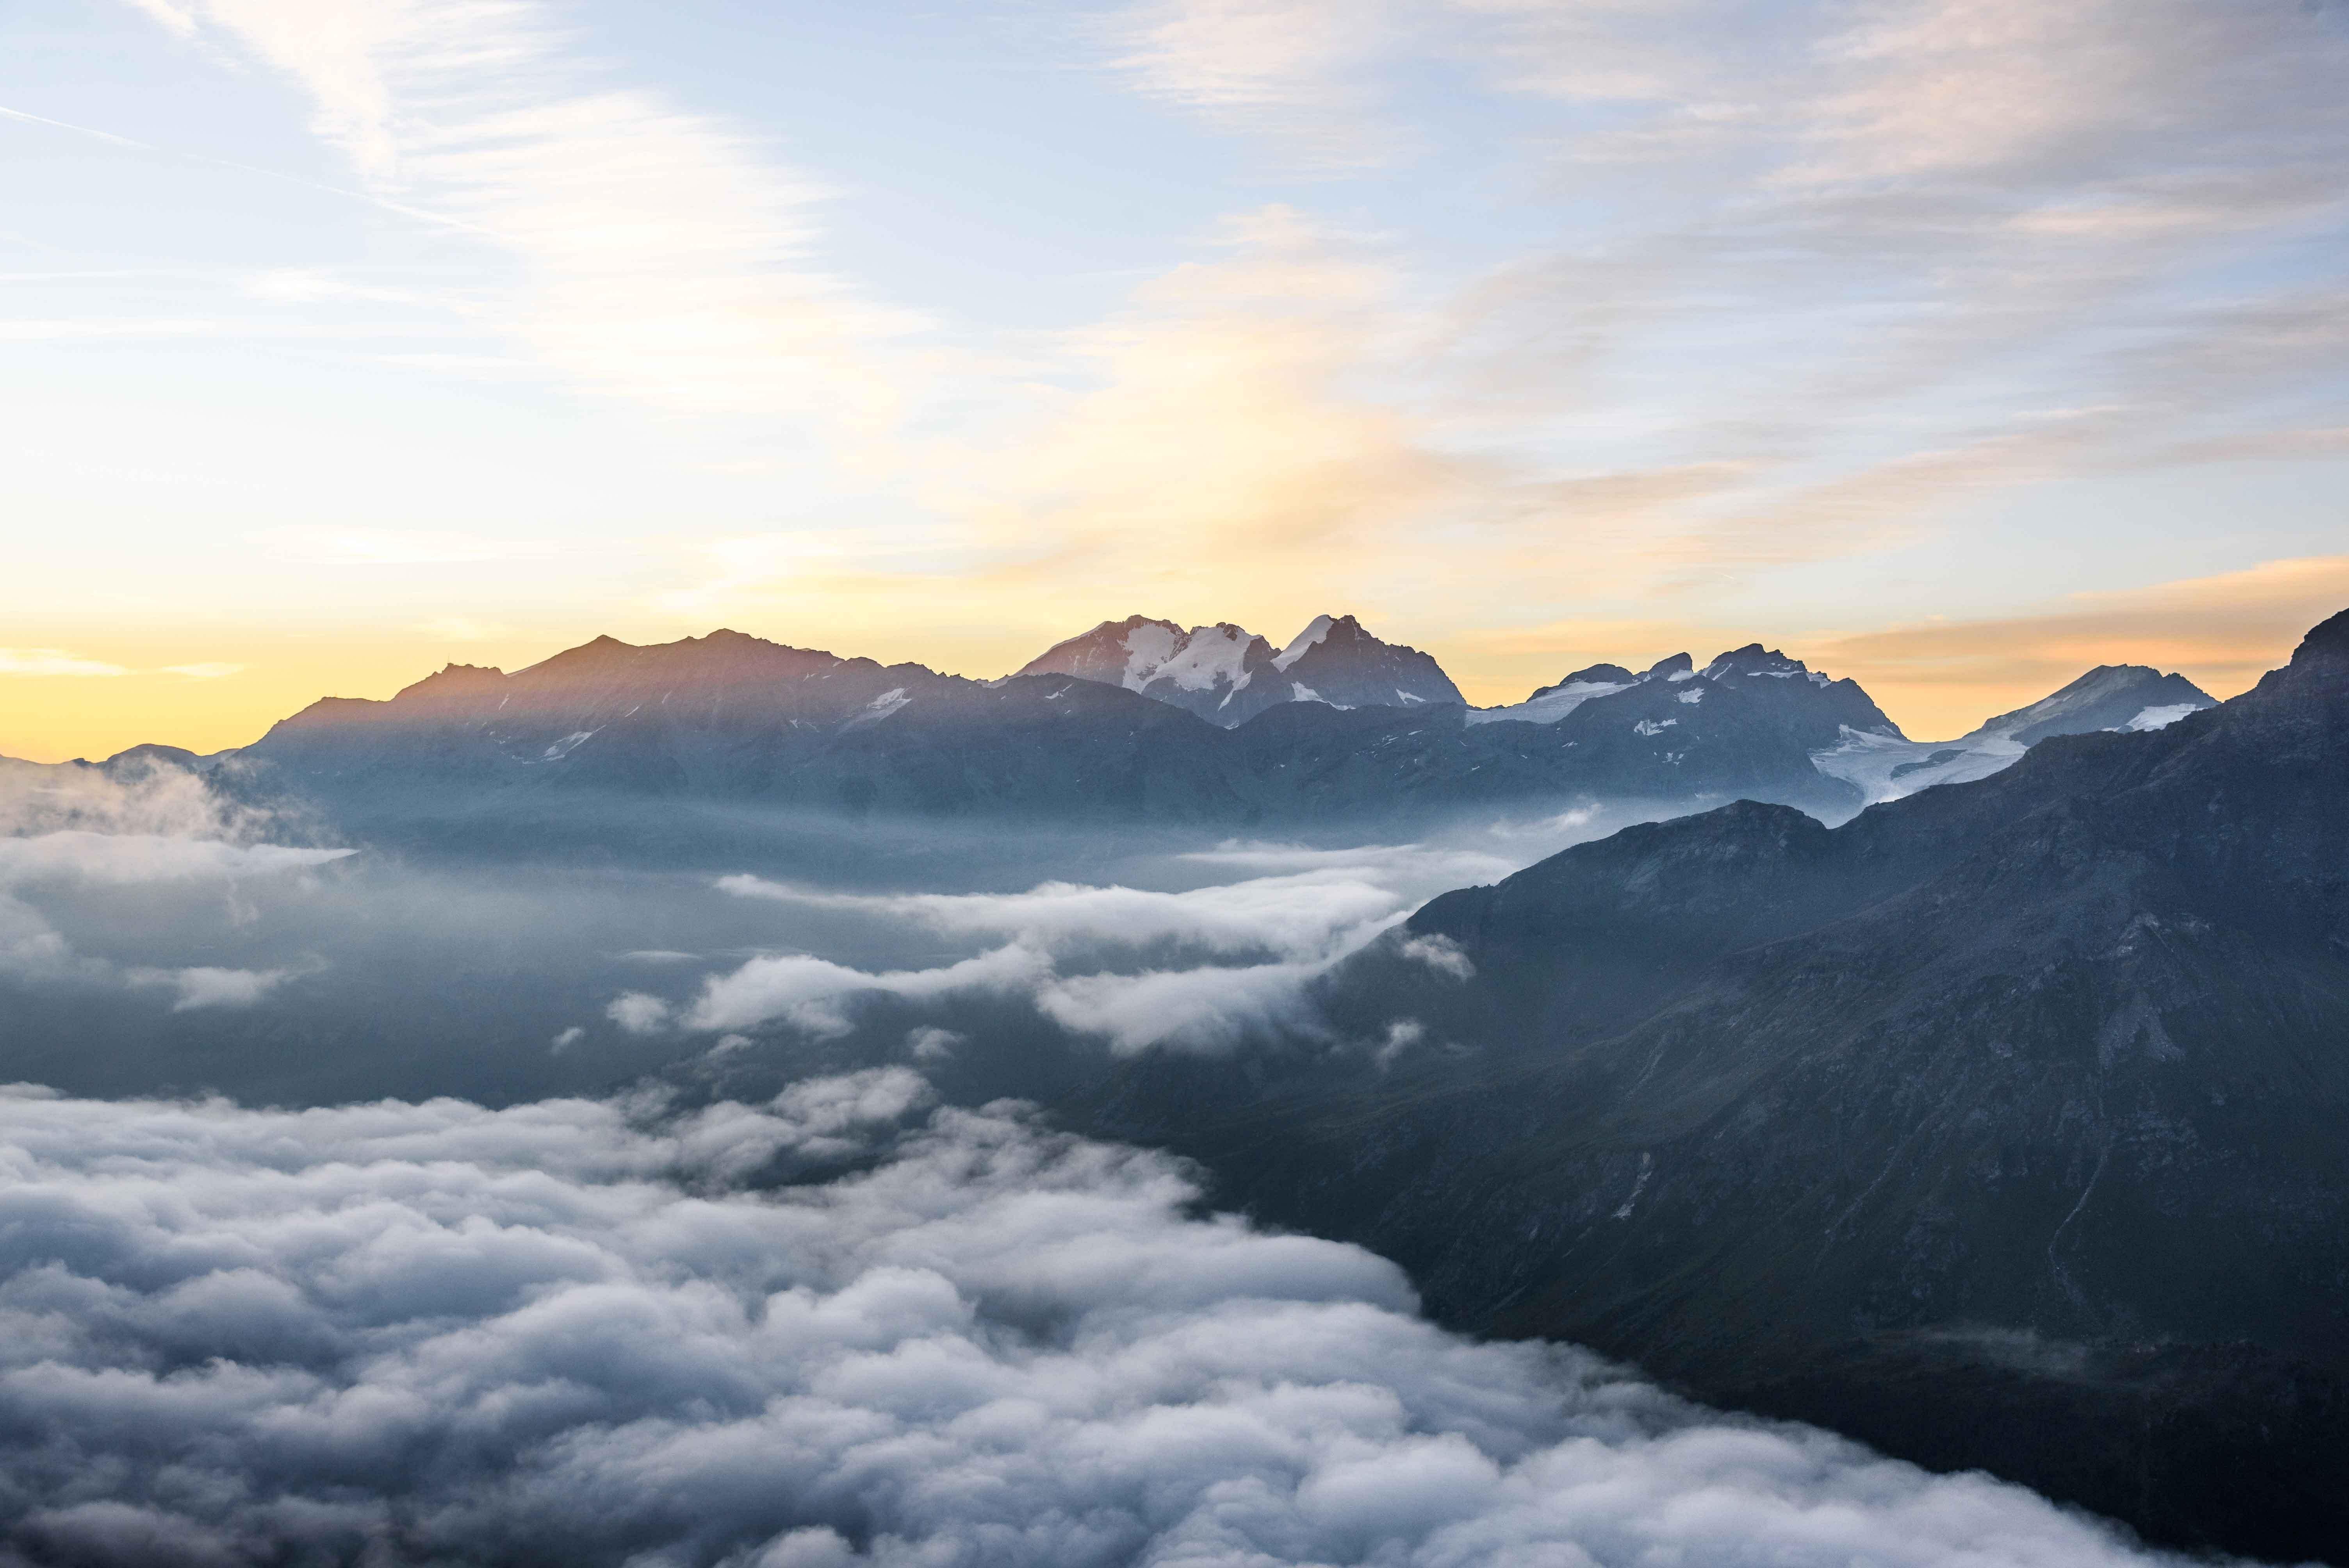 View over Piz Bernina